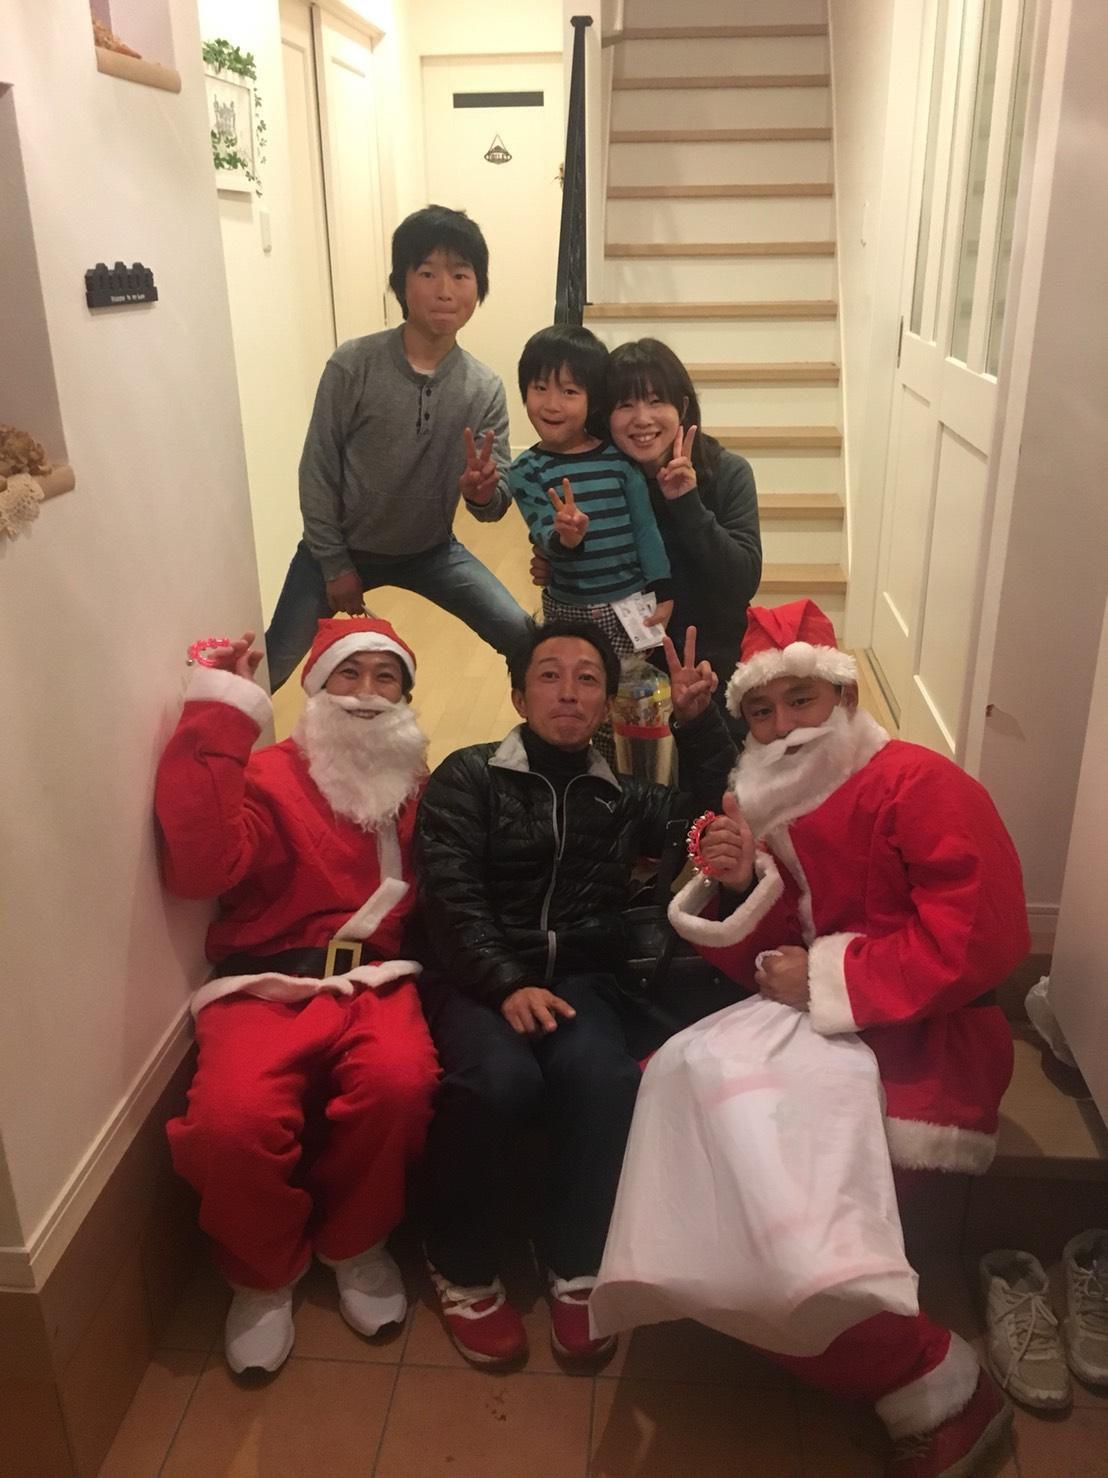 サンタクロースプロジェクト ~おうちにサンタがやって来た2017 in 加東~を開催